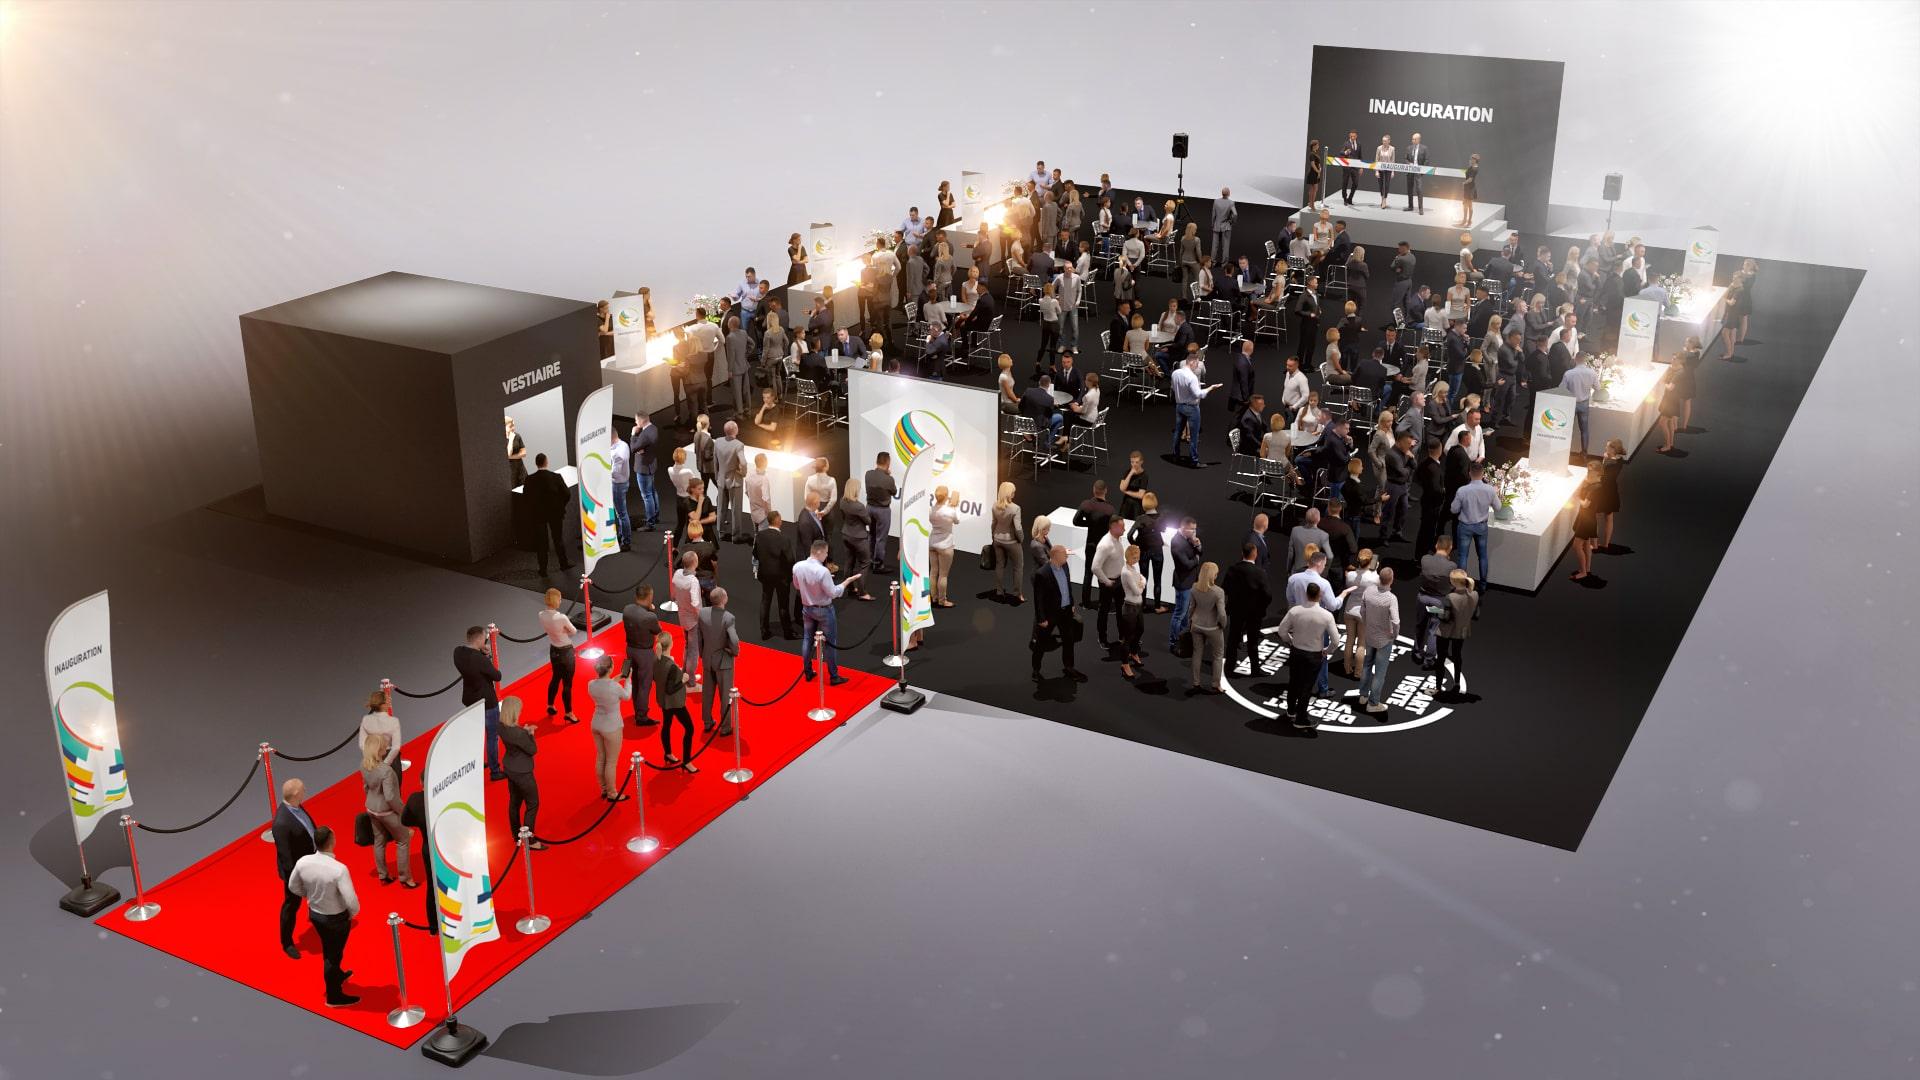 Inauguration nouveaux locaux entreprise - événementiel industriel